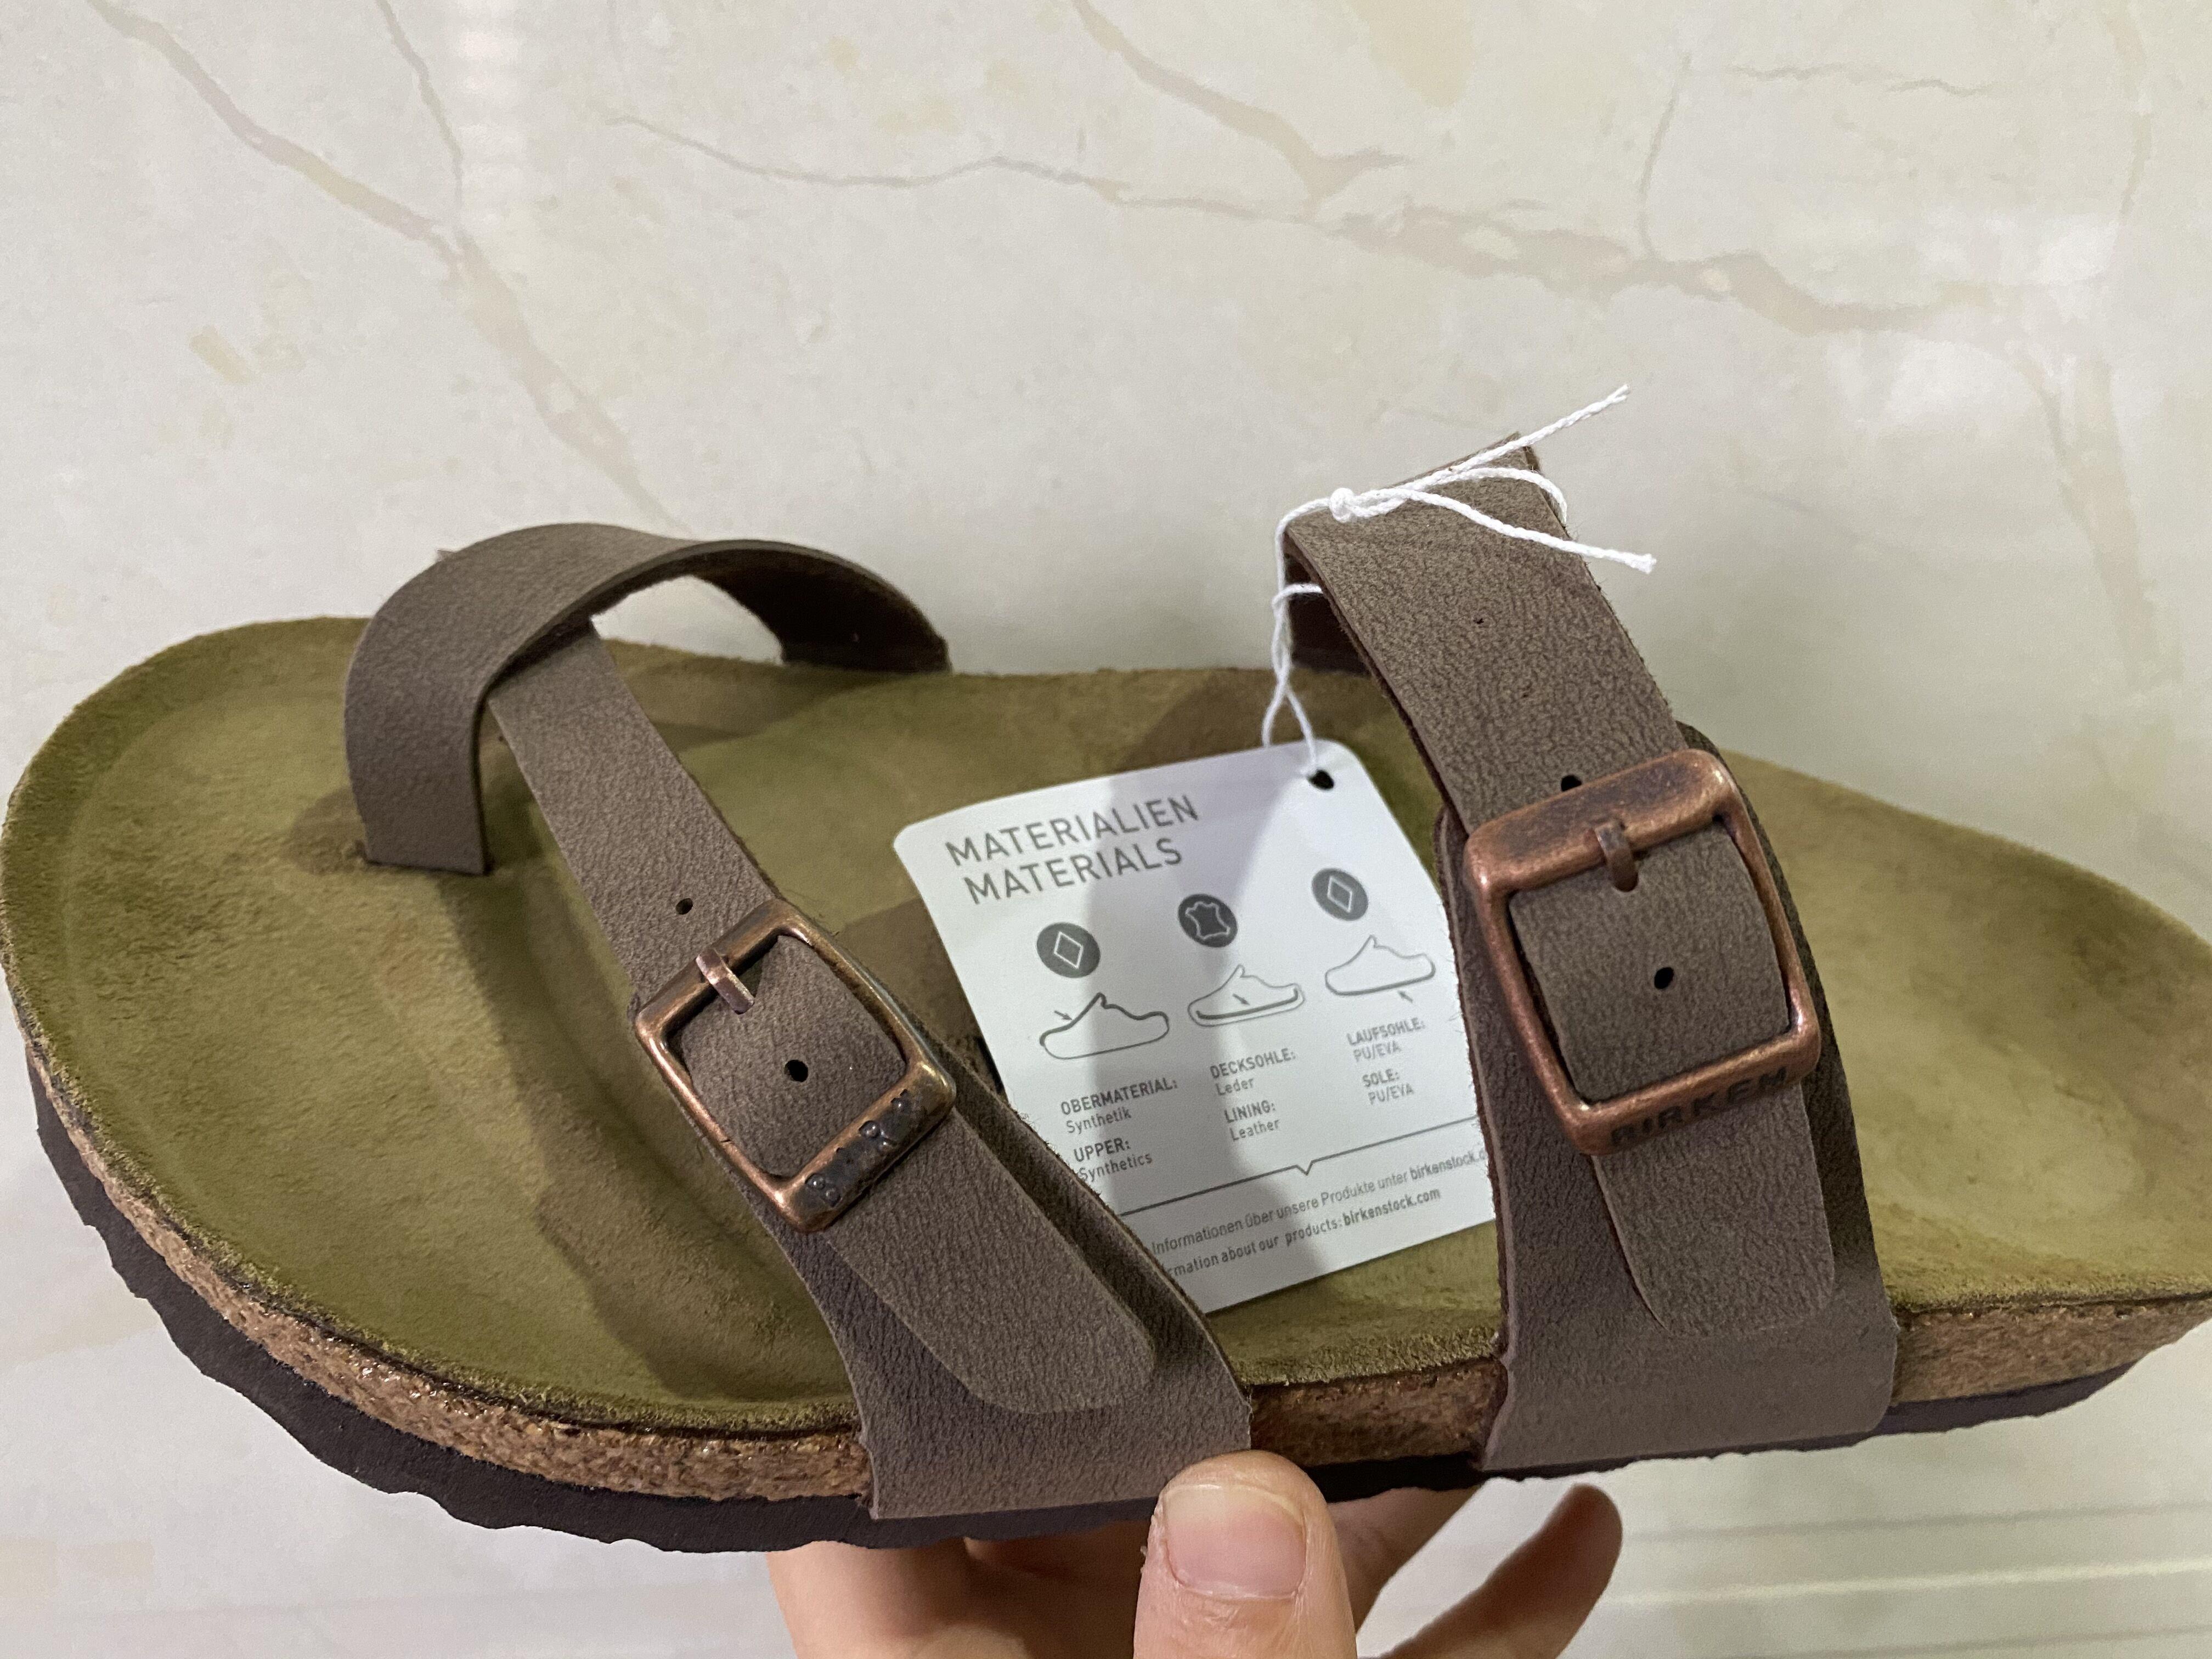 2020 14 couleurs Mayari Arizona Hot vendre Boulaq été Hommes Femmes flats pantoufles de sandales en liège unisexe chaussures de sport imprimer des couleurs mélangées taille 34-47